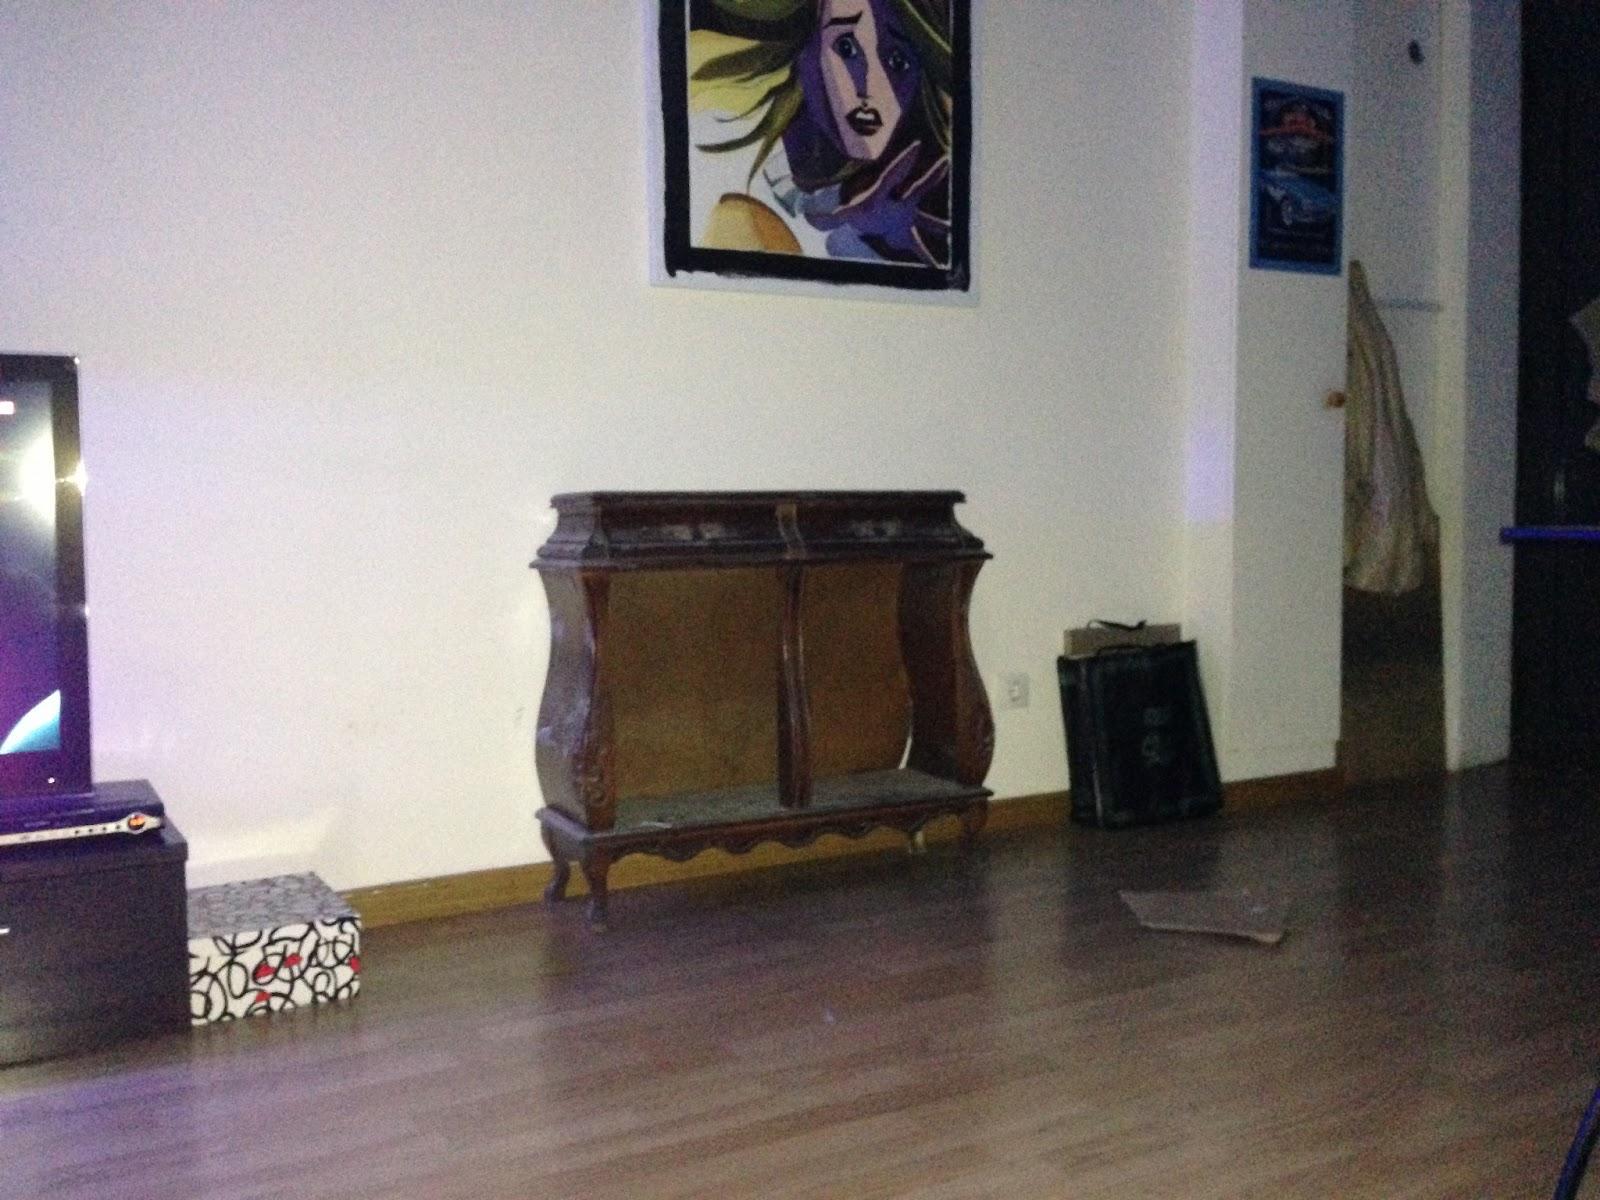 Decorando y renovando diy adoptando un mueble viejo for Mueble viejo